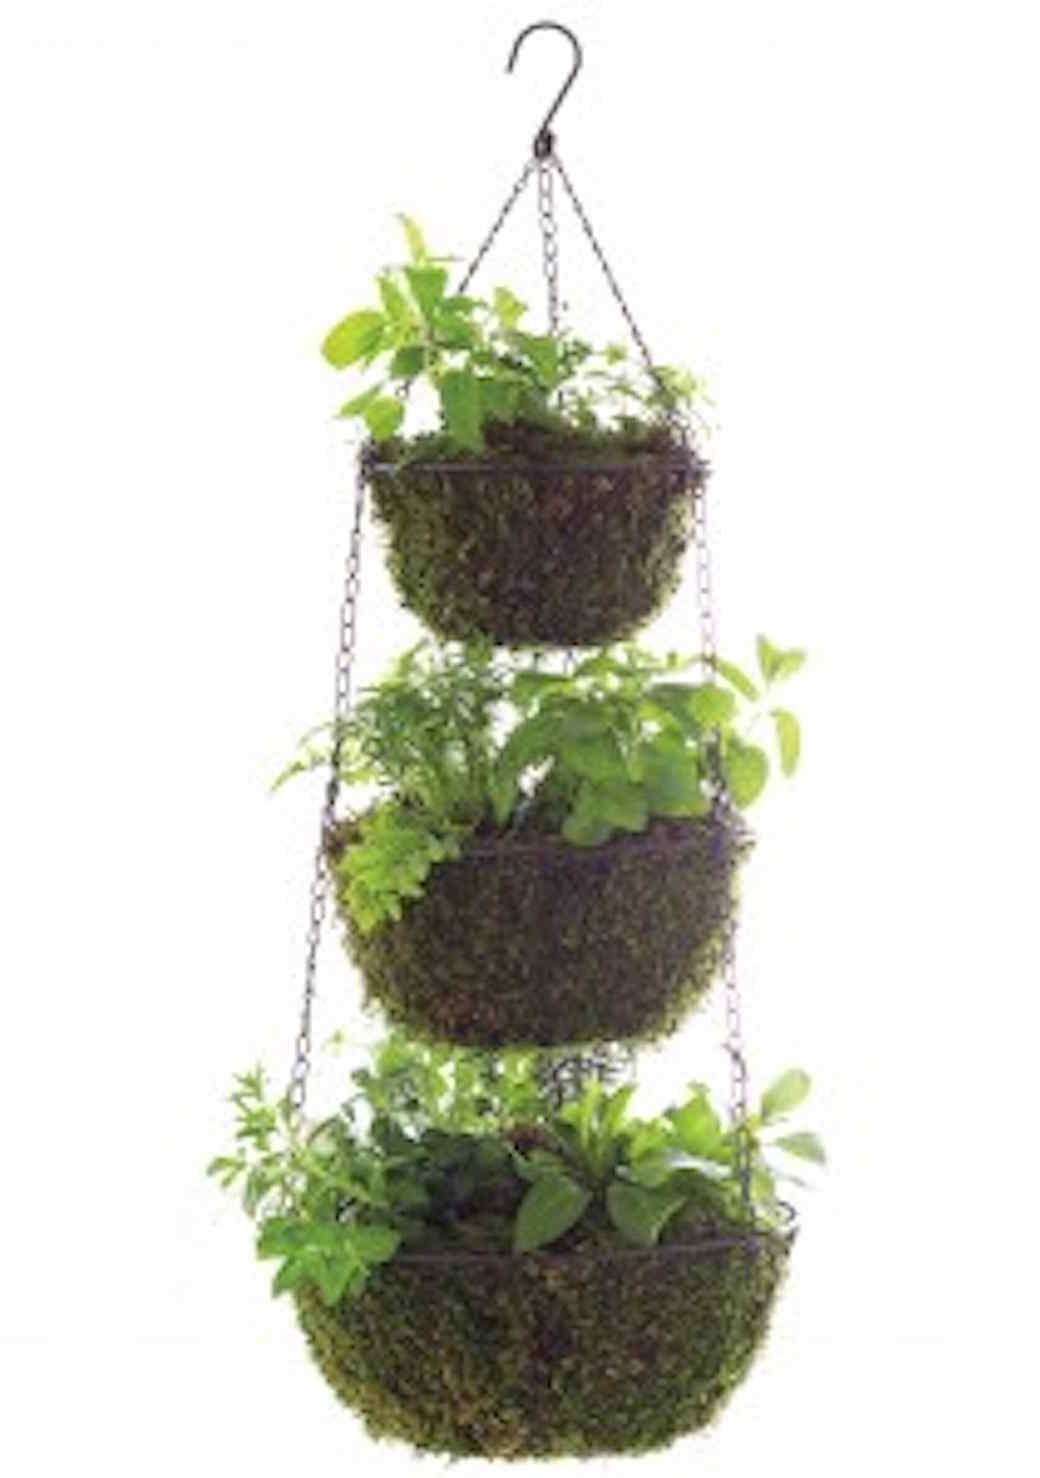 msl-good-things-hanging-herbs-021-mld109975_vert.jpg (skyword:289431)